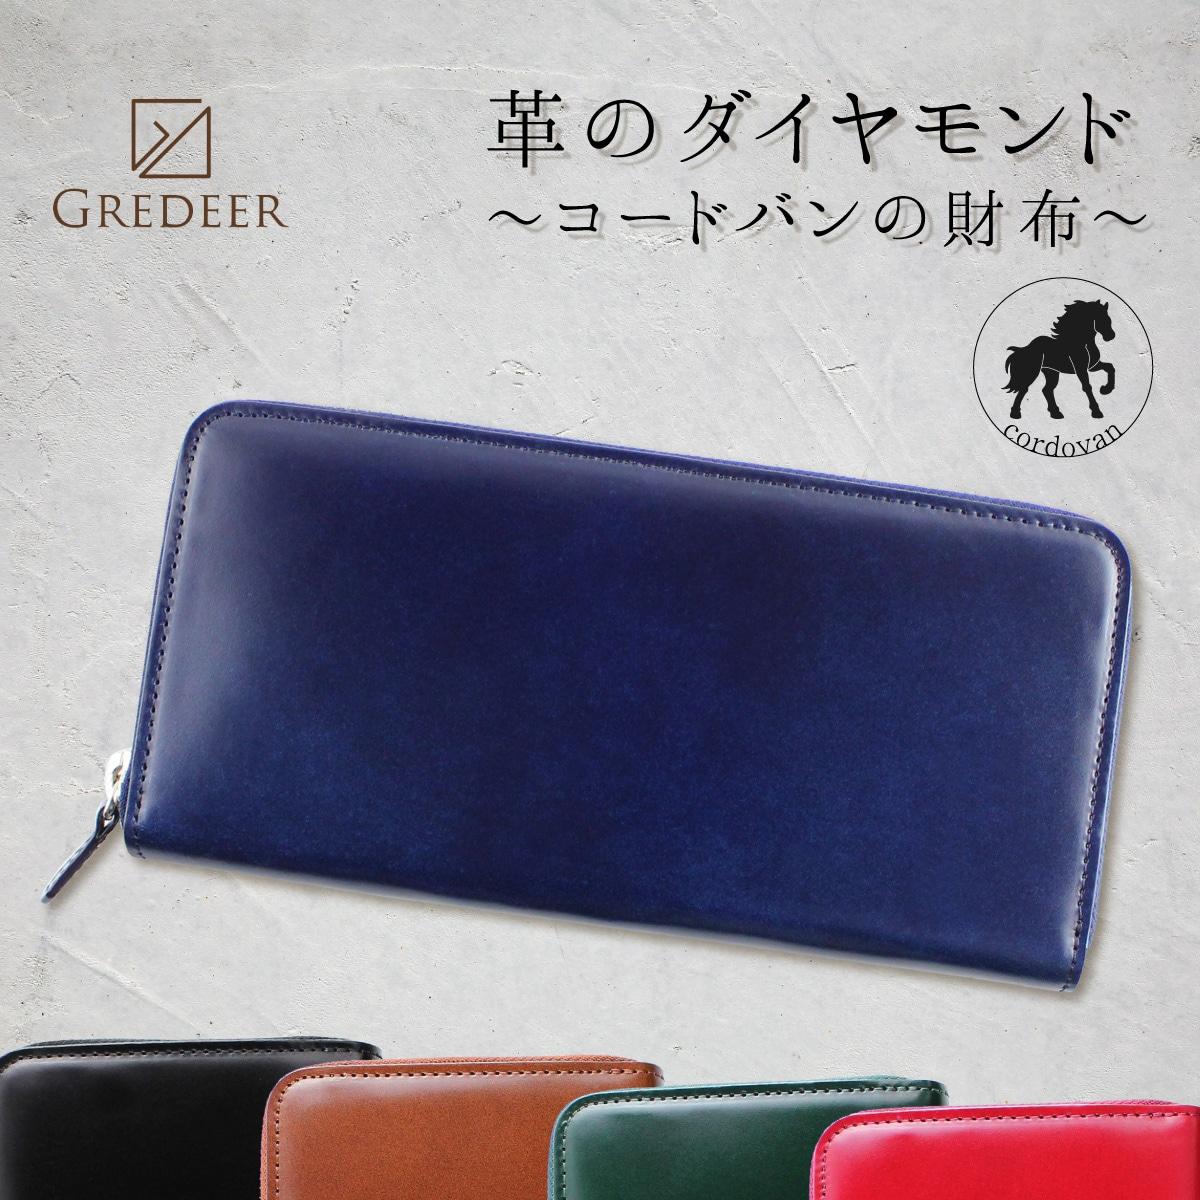 馬革(コードバン)のプレミアム財布 GREDEER コードバン ラウンドファスナー長財布 【カラー:ブルー】 開運グッズ